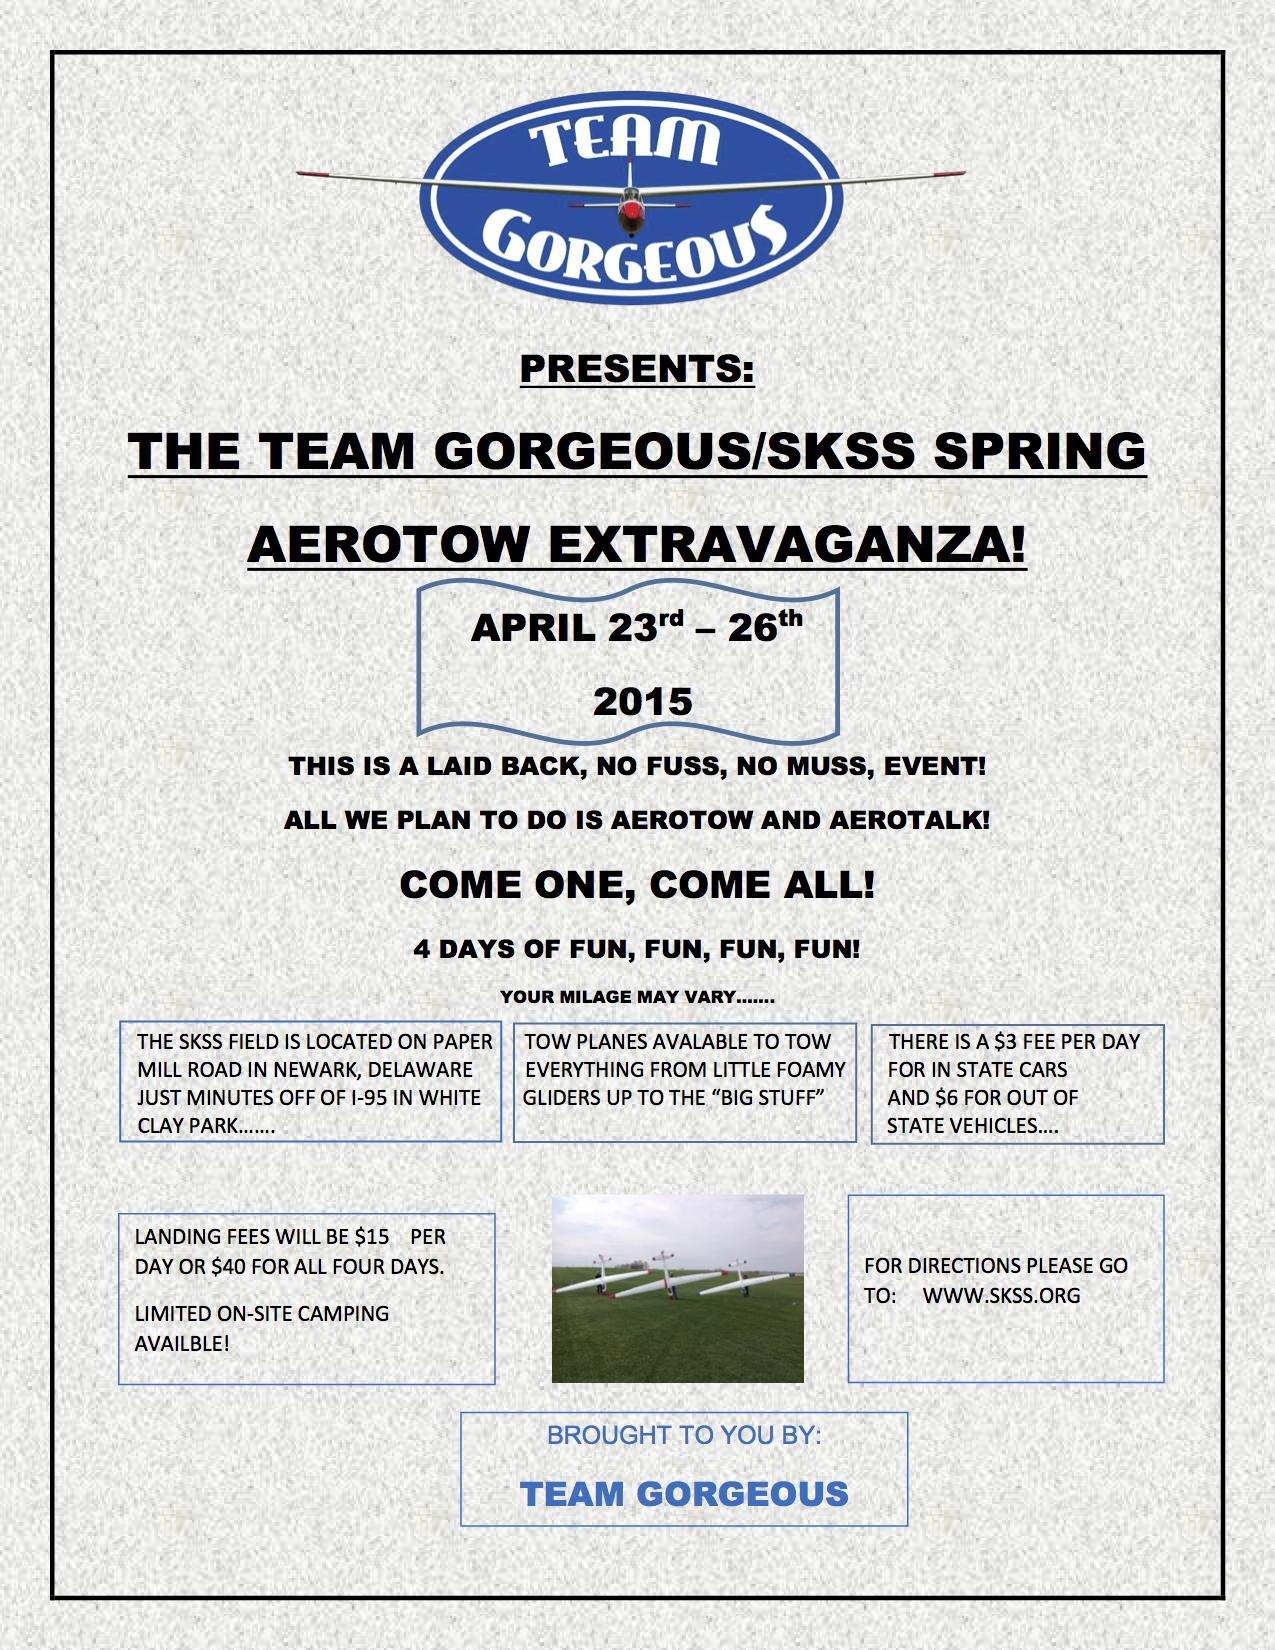 Aerotow April 23-24, 2015